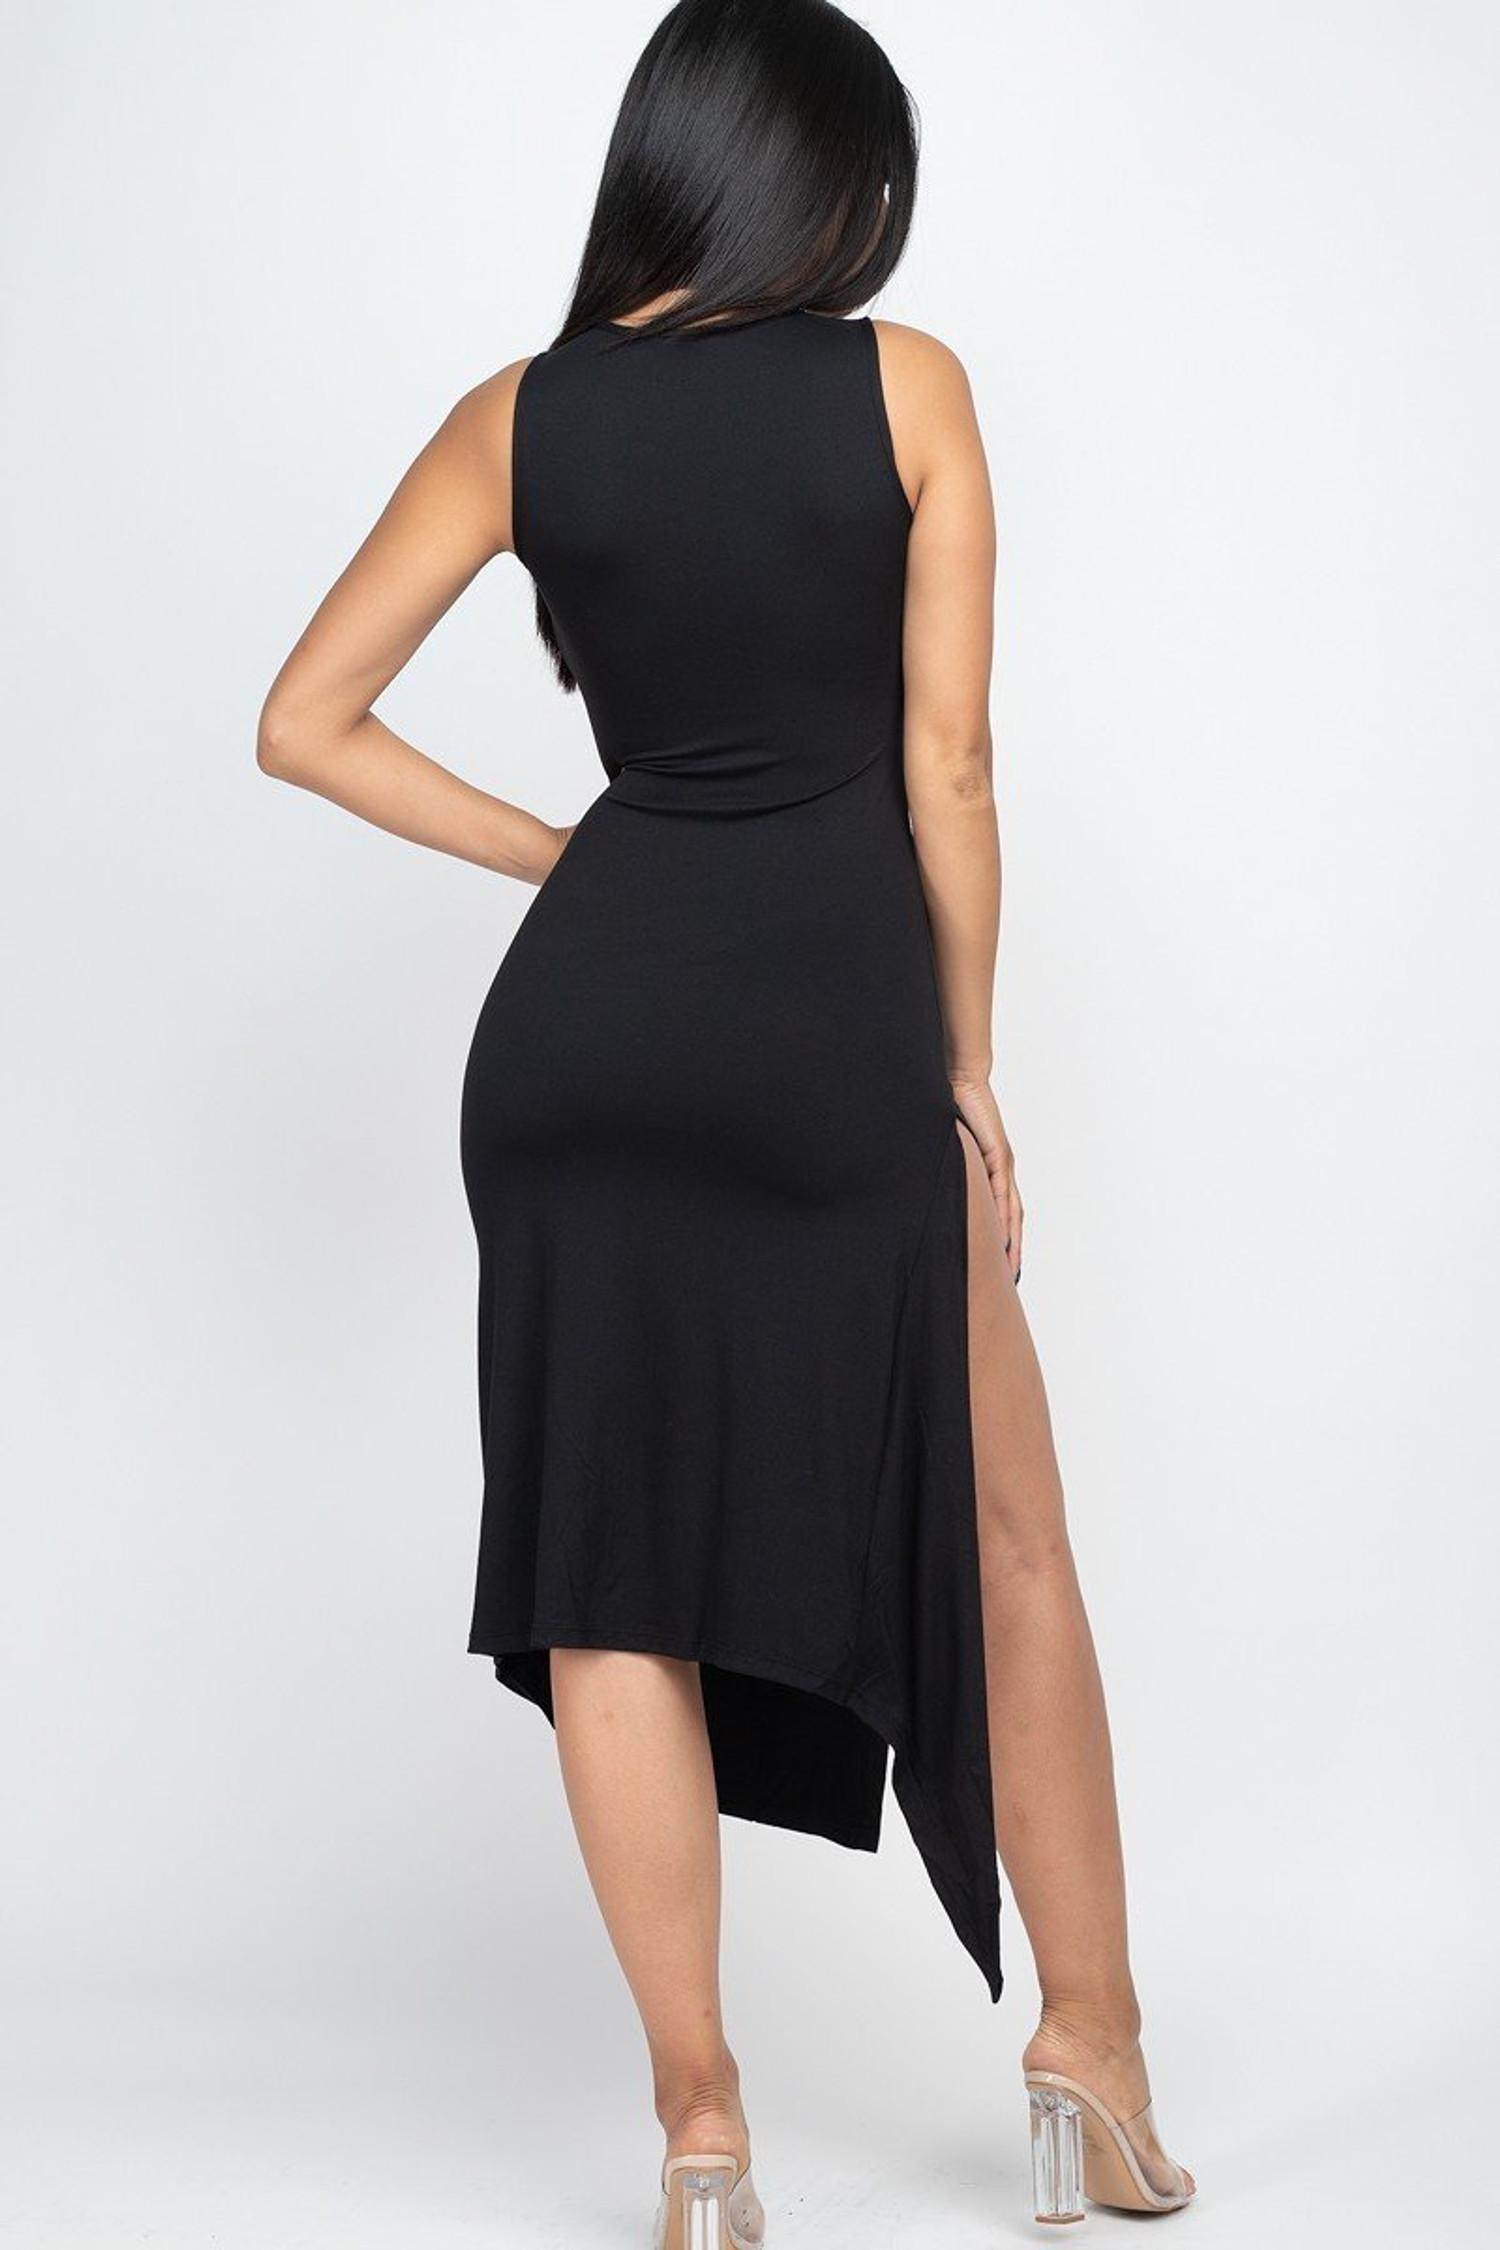 Sleeveless Round Neck Side Slit Maxi Dress